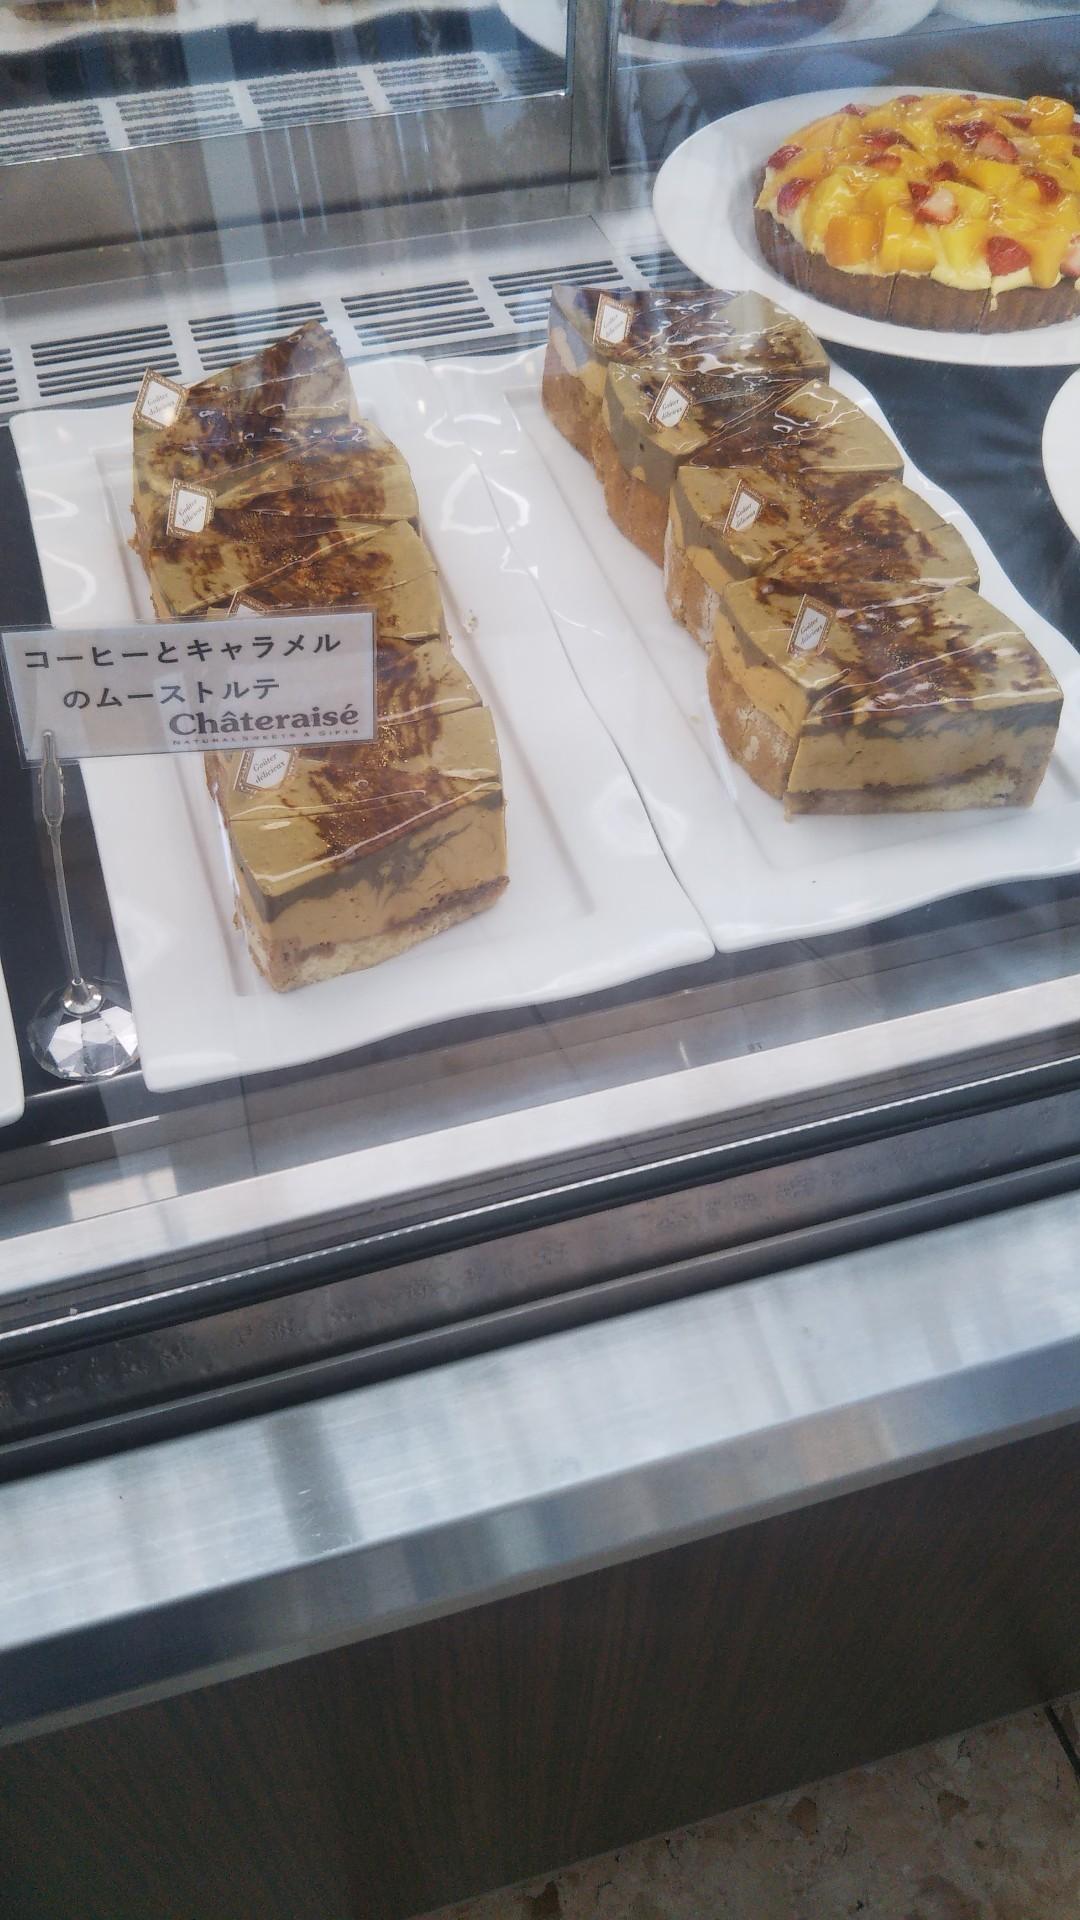 シャトレーゼ ガトーキングダムサッポロ ヴィーニュ Dessert Buffet~夏のべジスイーツフェア~_f0076001_23422646.jpg